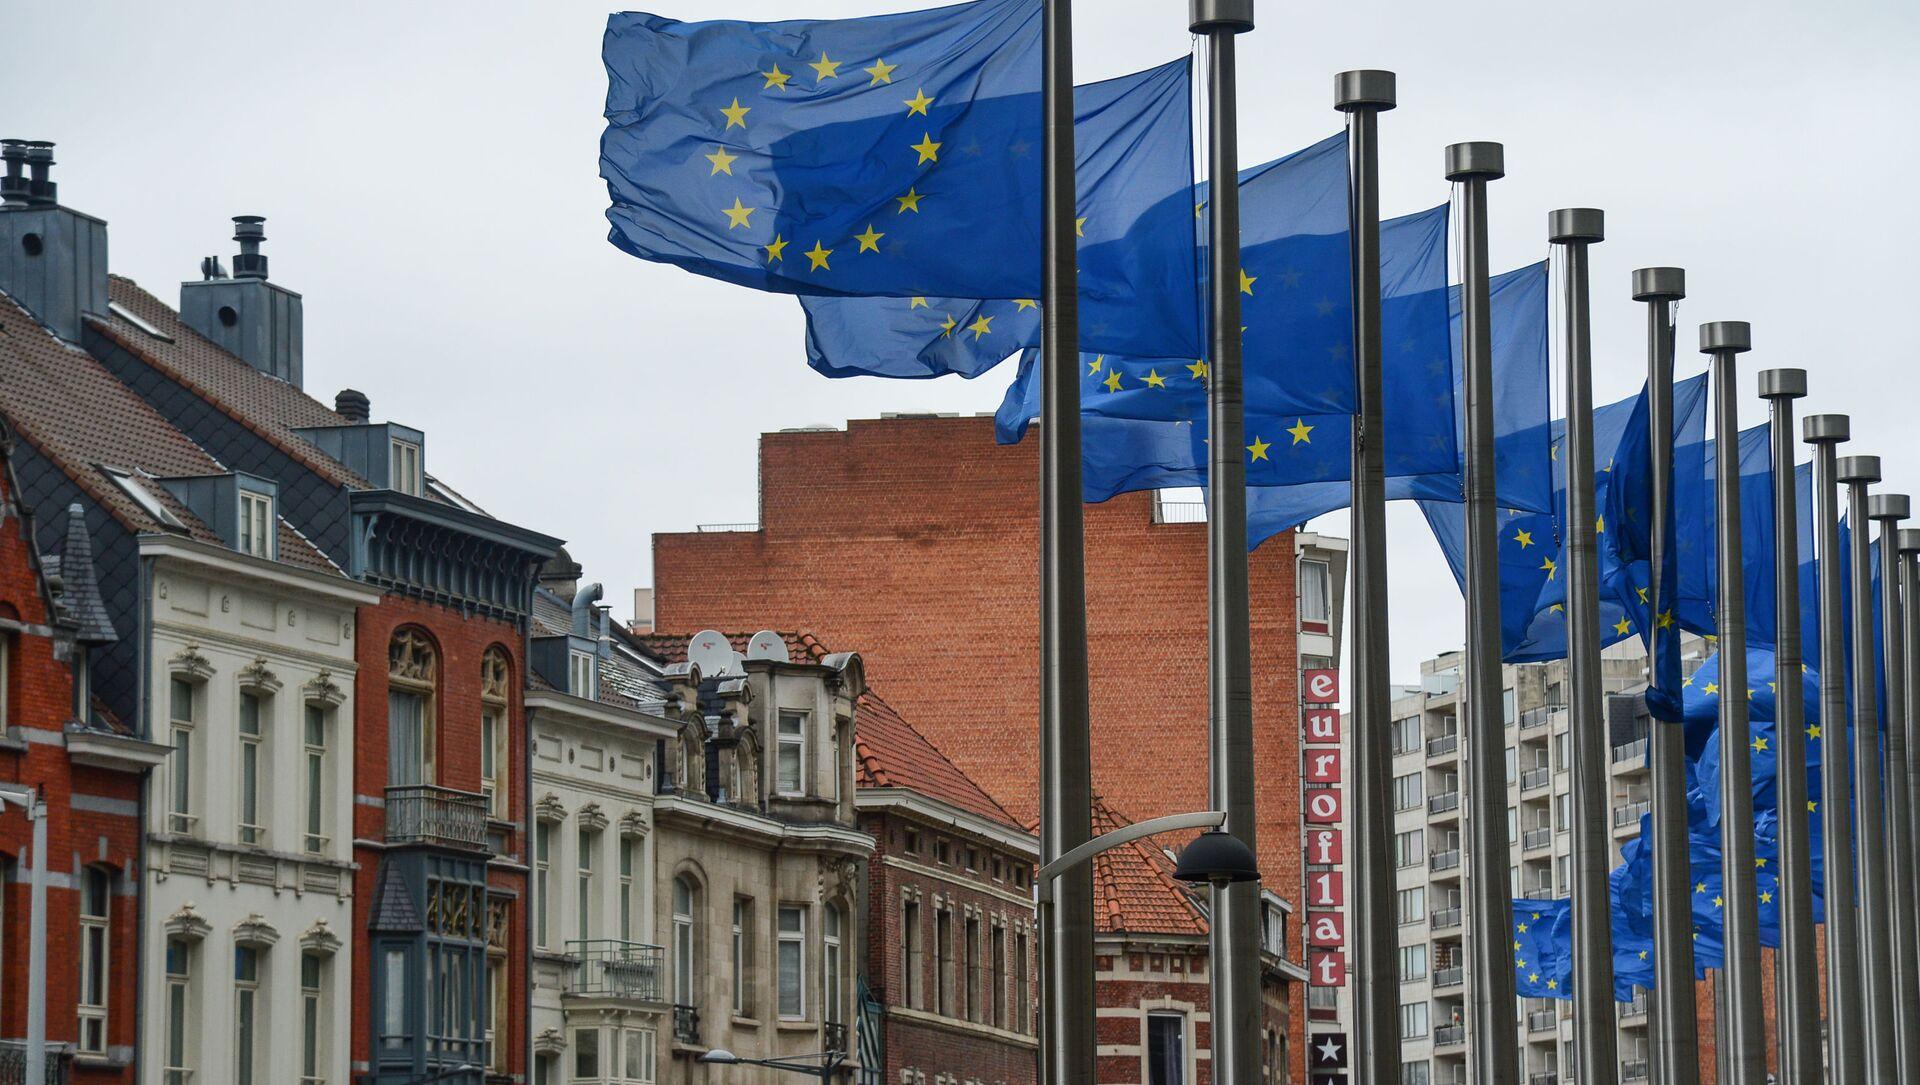 Drapeaux européens devant le siège de la Commission européenne à Bruxelles  - Sputnik France, 1920, 27.08.2021